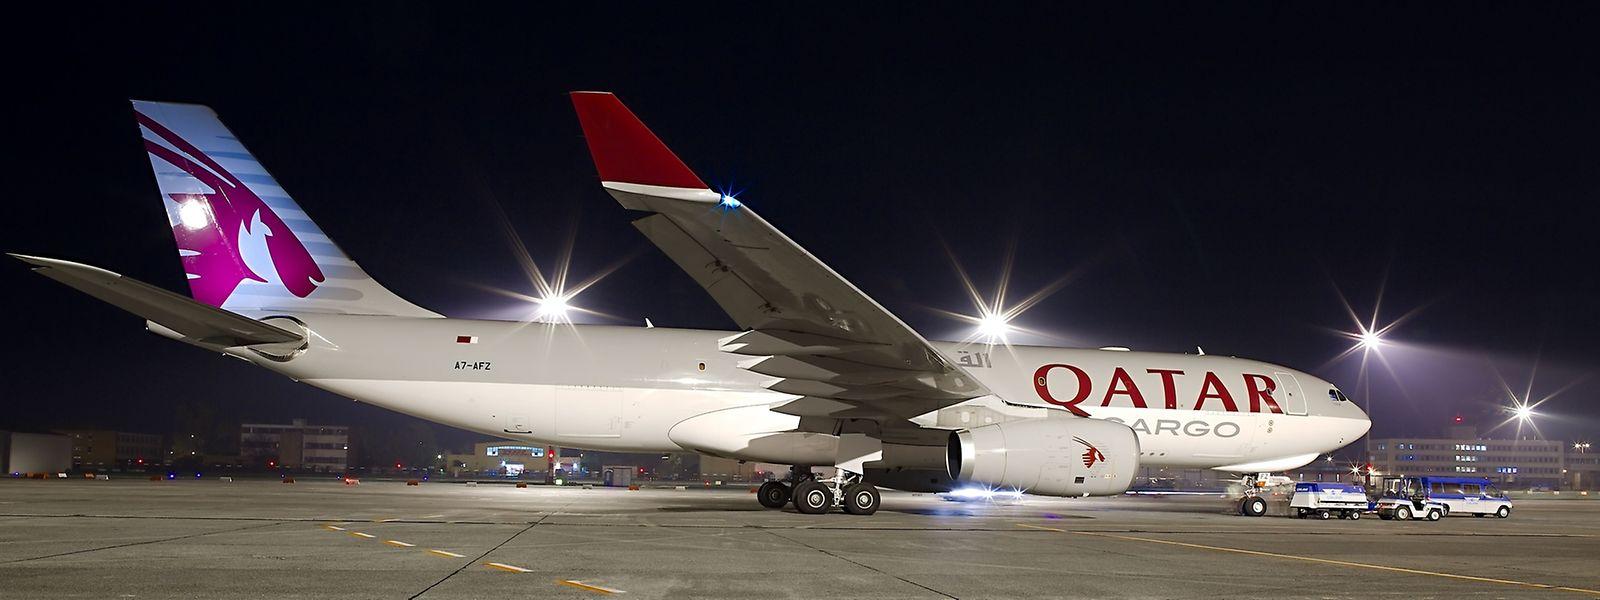 Qatar Airways Cargo ist schon seit fünf Jahren in Luxemburg aktiv.